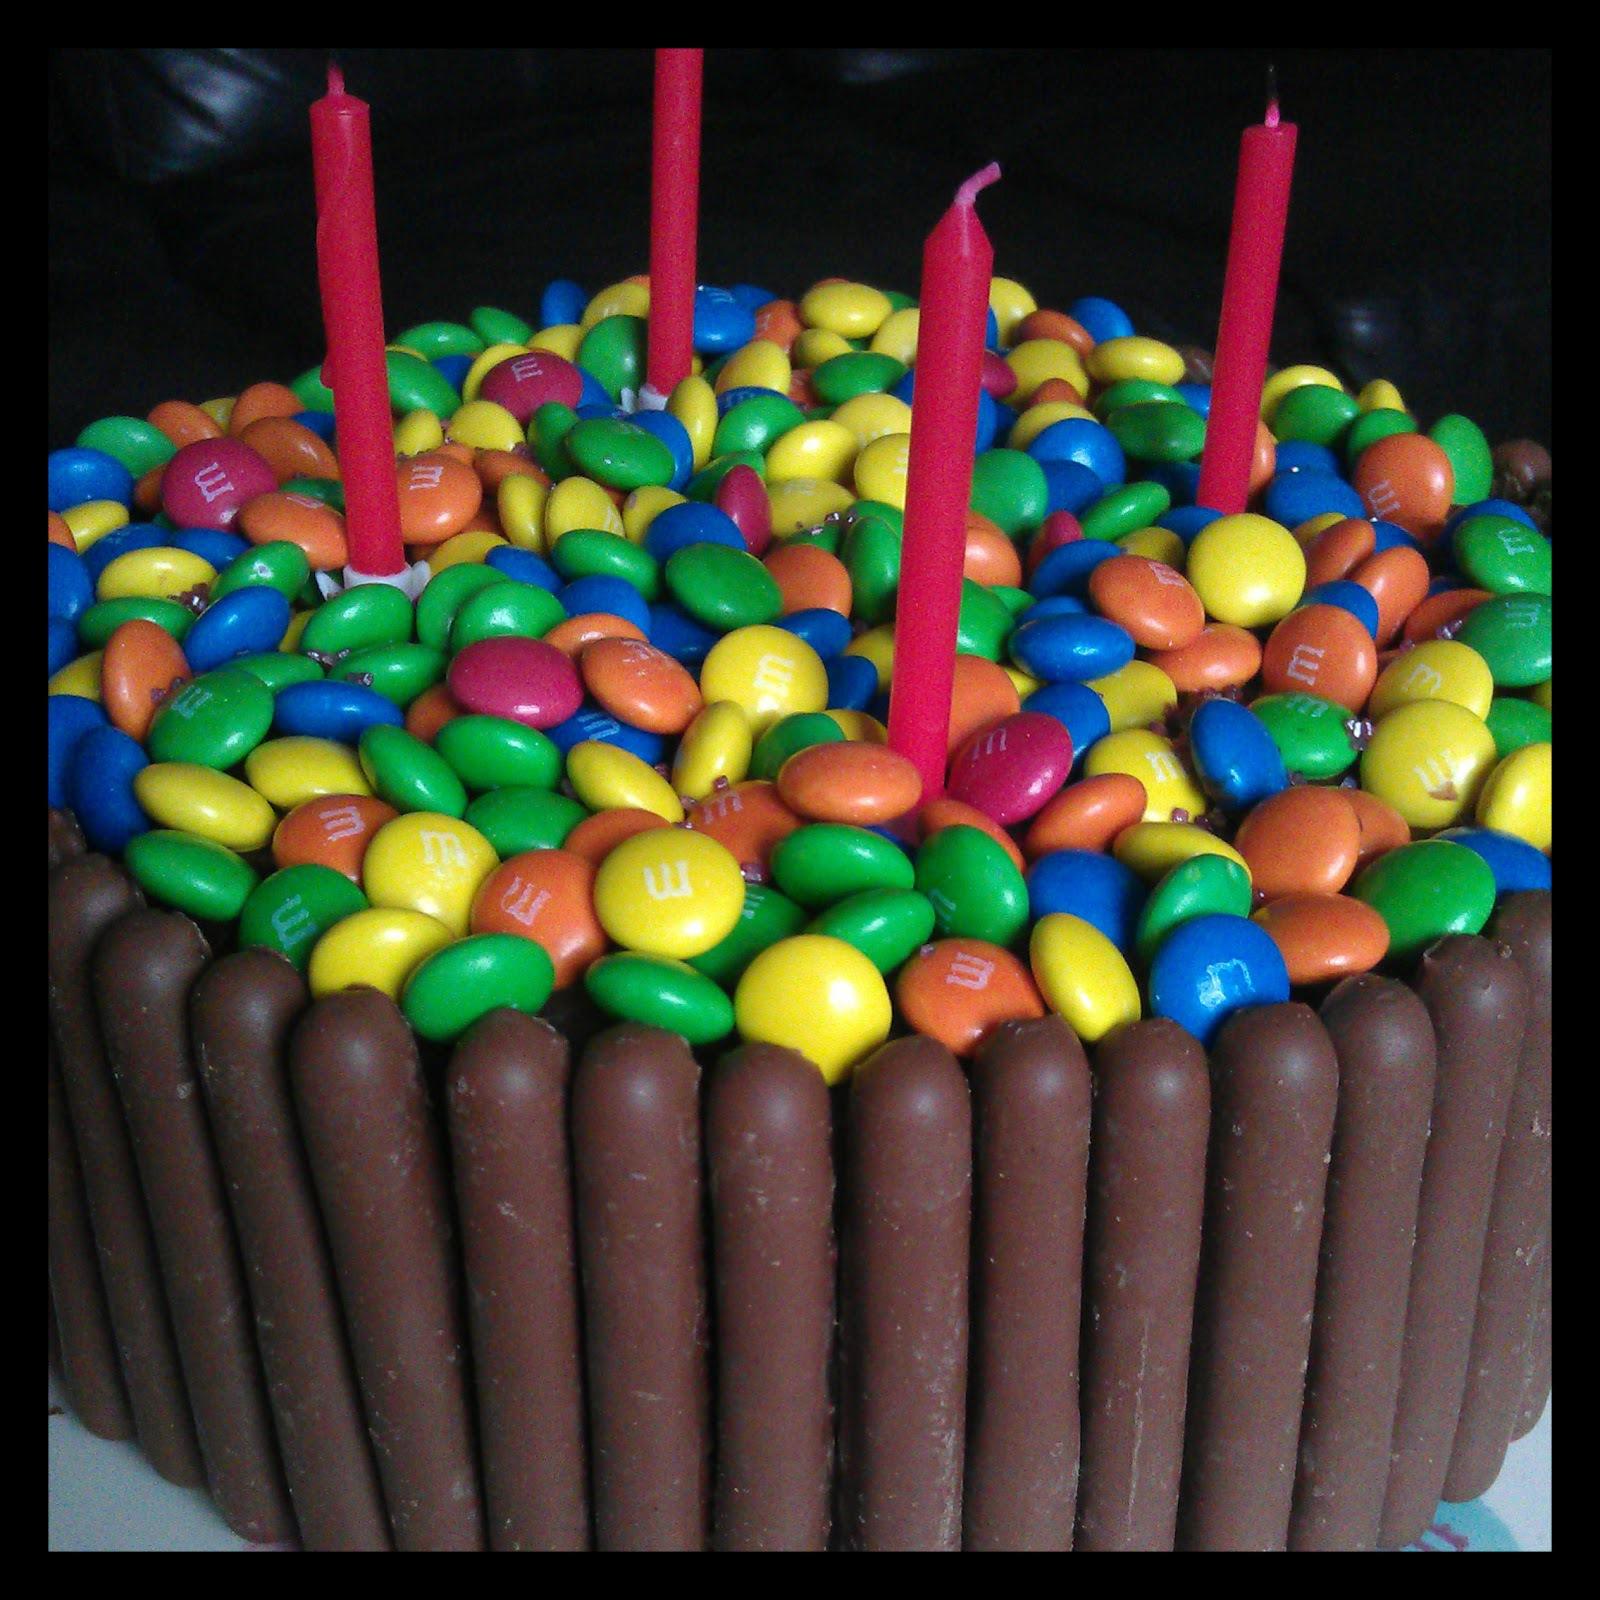 Домашний торт на день рождения - С Днем Рождения поздравительные картинки